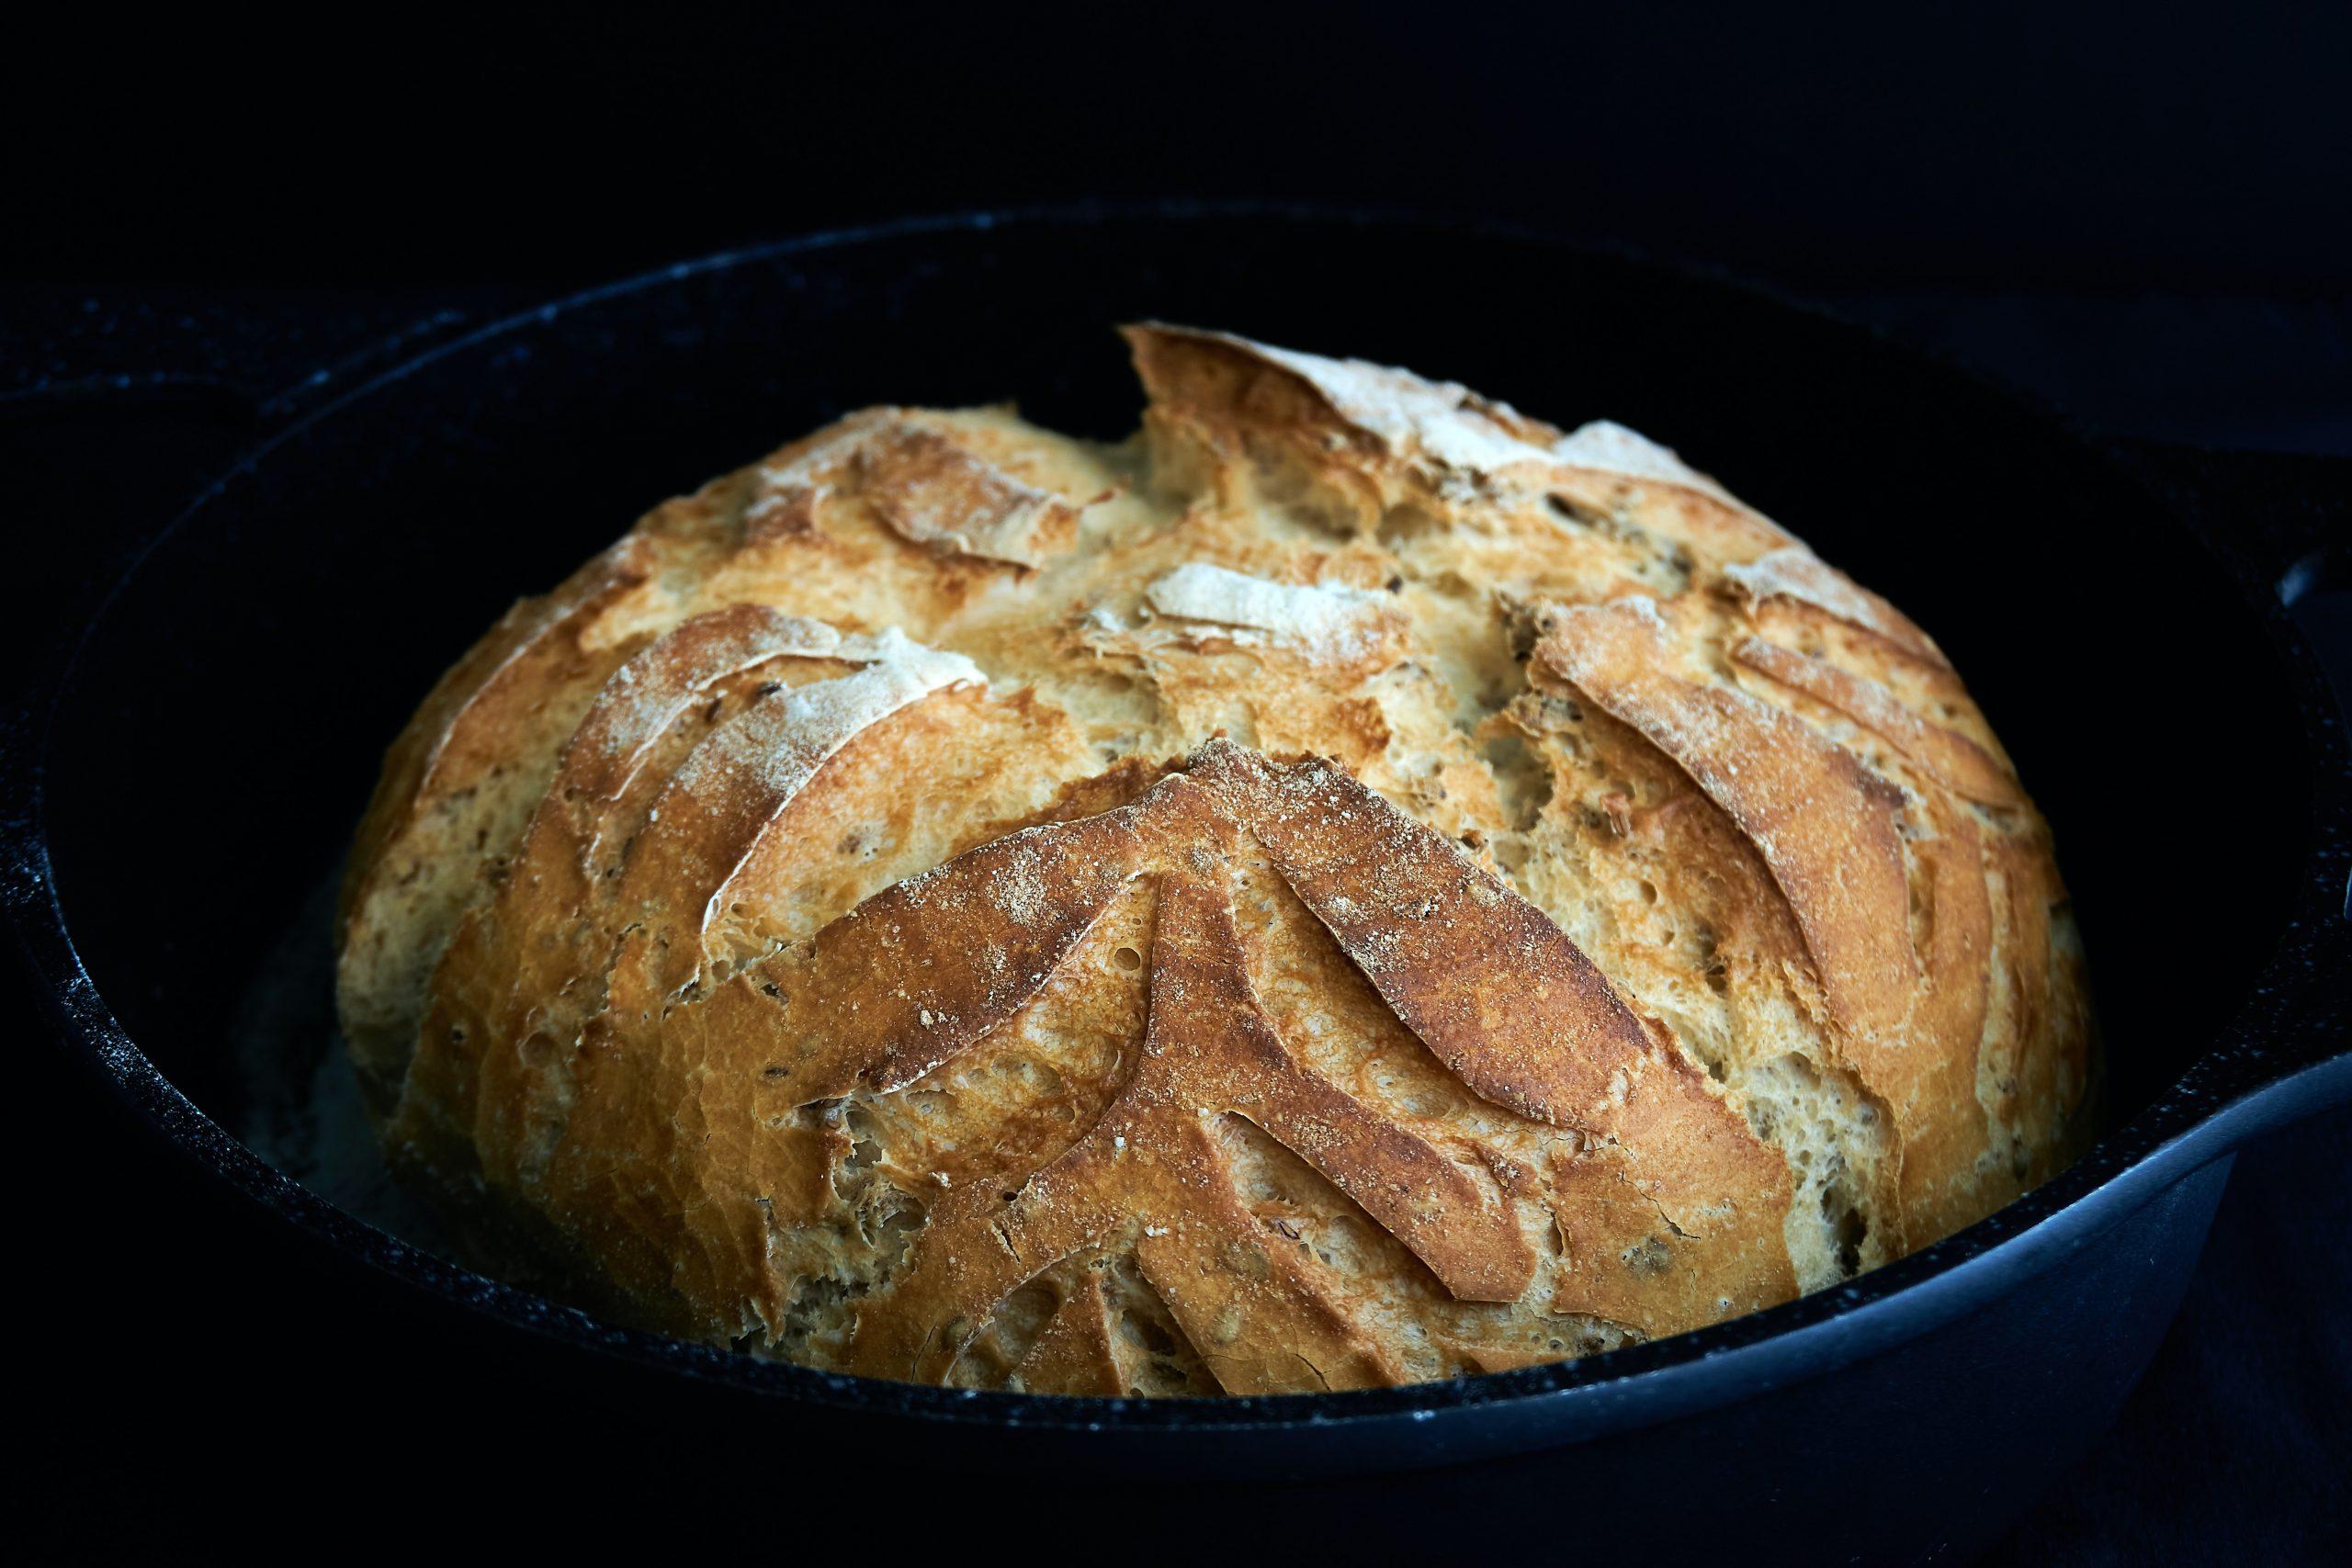 Arpa, buğday, çavdar, yulaf gibi tahıl ürünlerinde bulunan 'gluten' proteini ısıya dayanıklı bir maddedir.